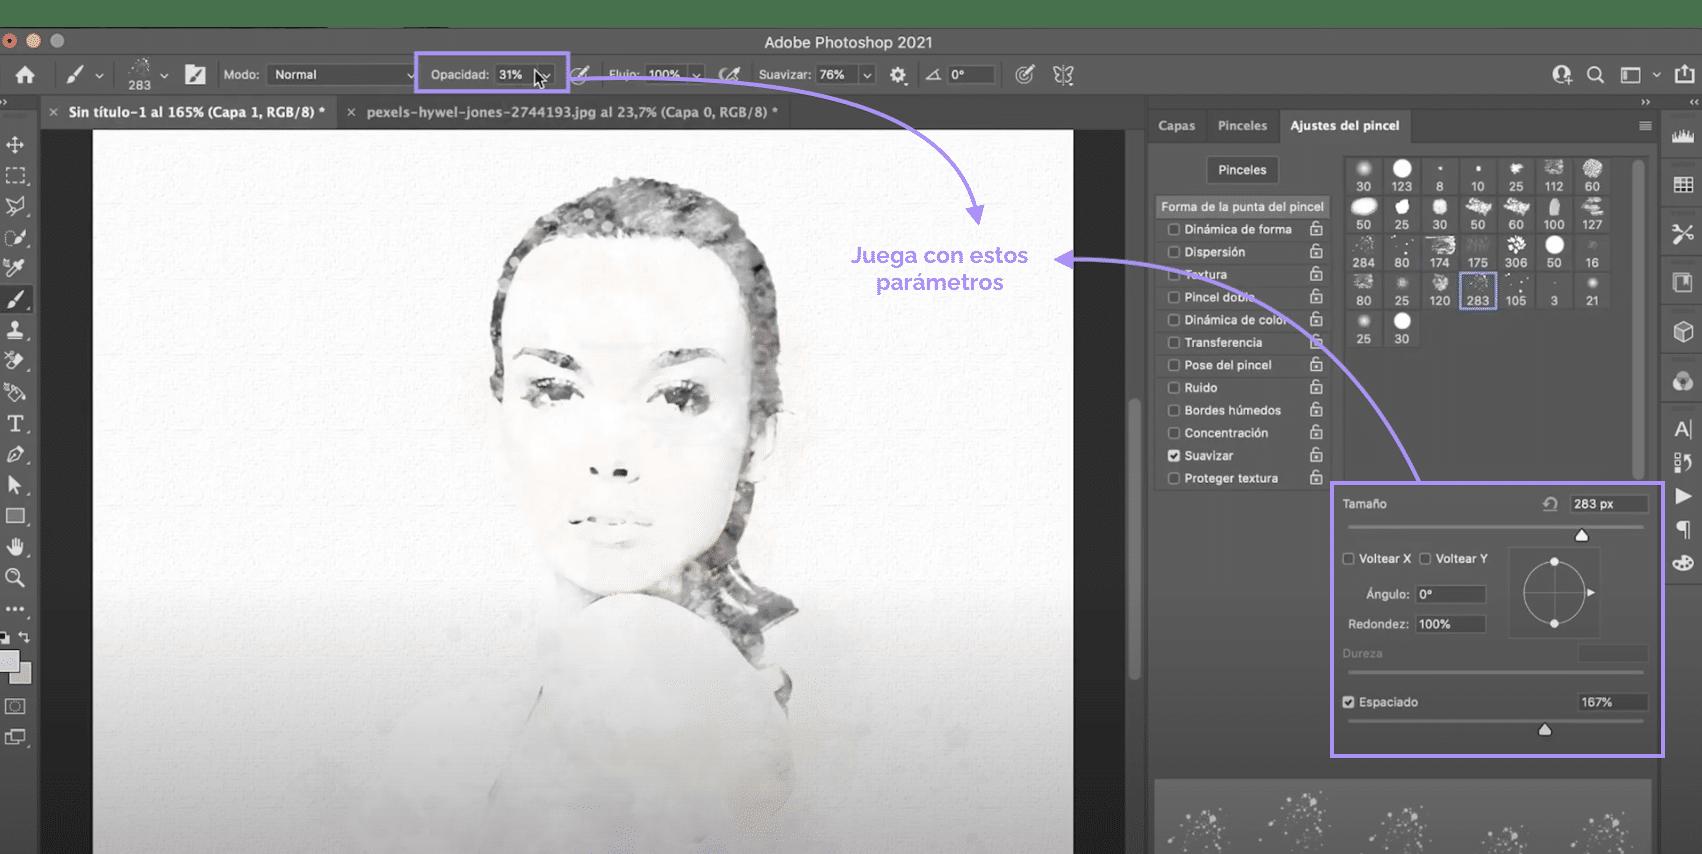 Utiliza pinceles artísticos para crear el efecto acuarela en Photoshop